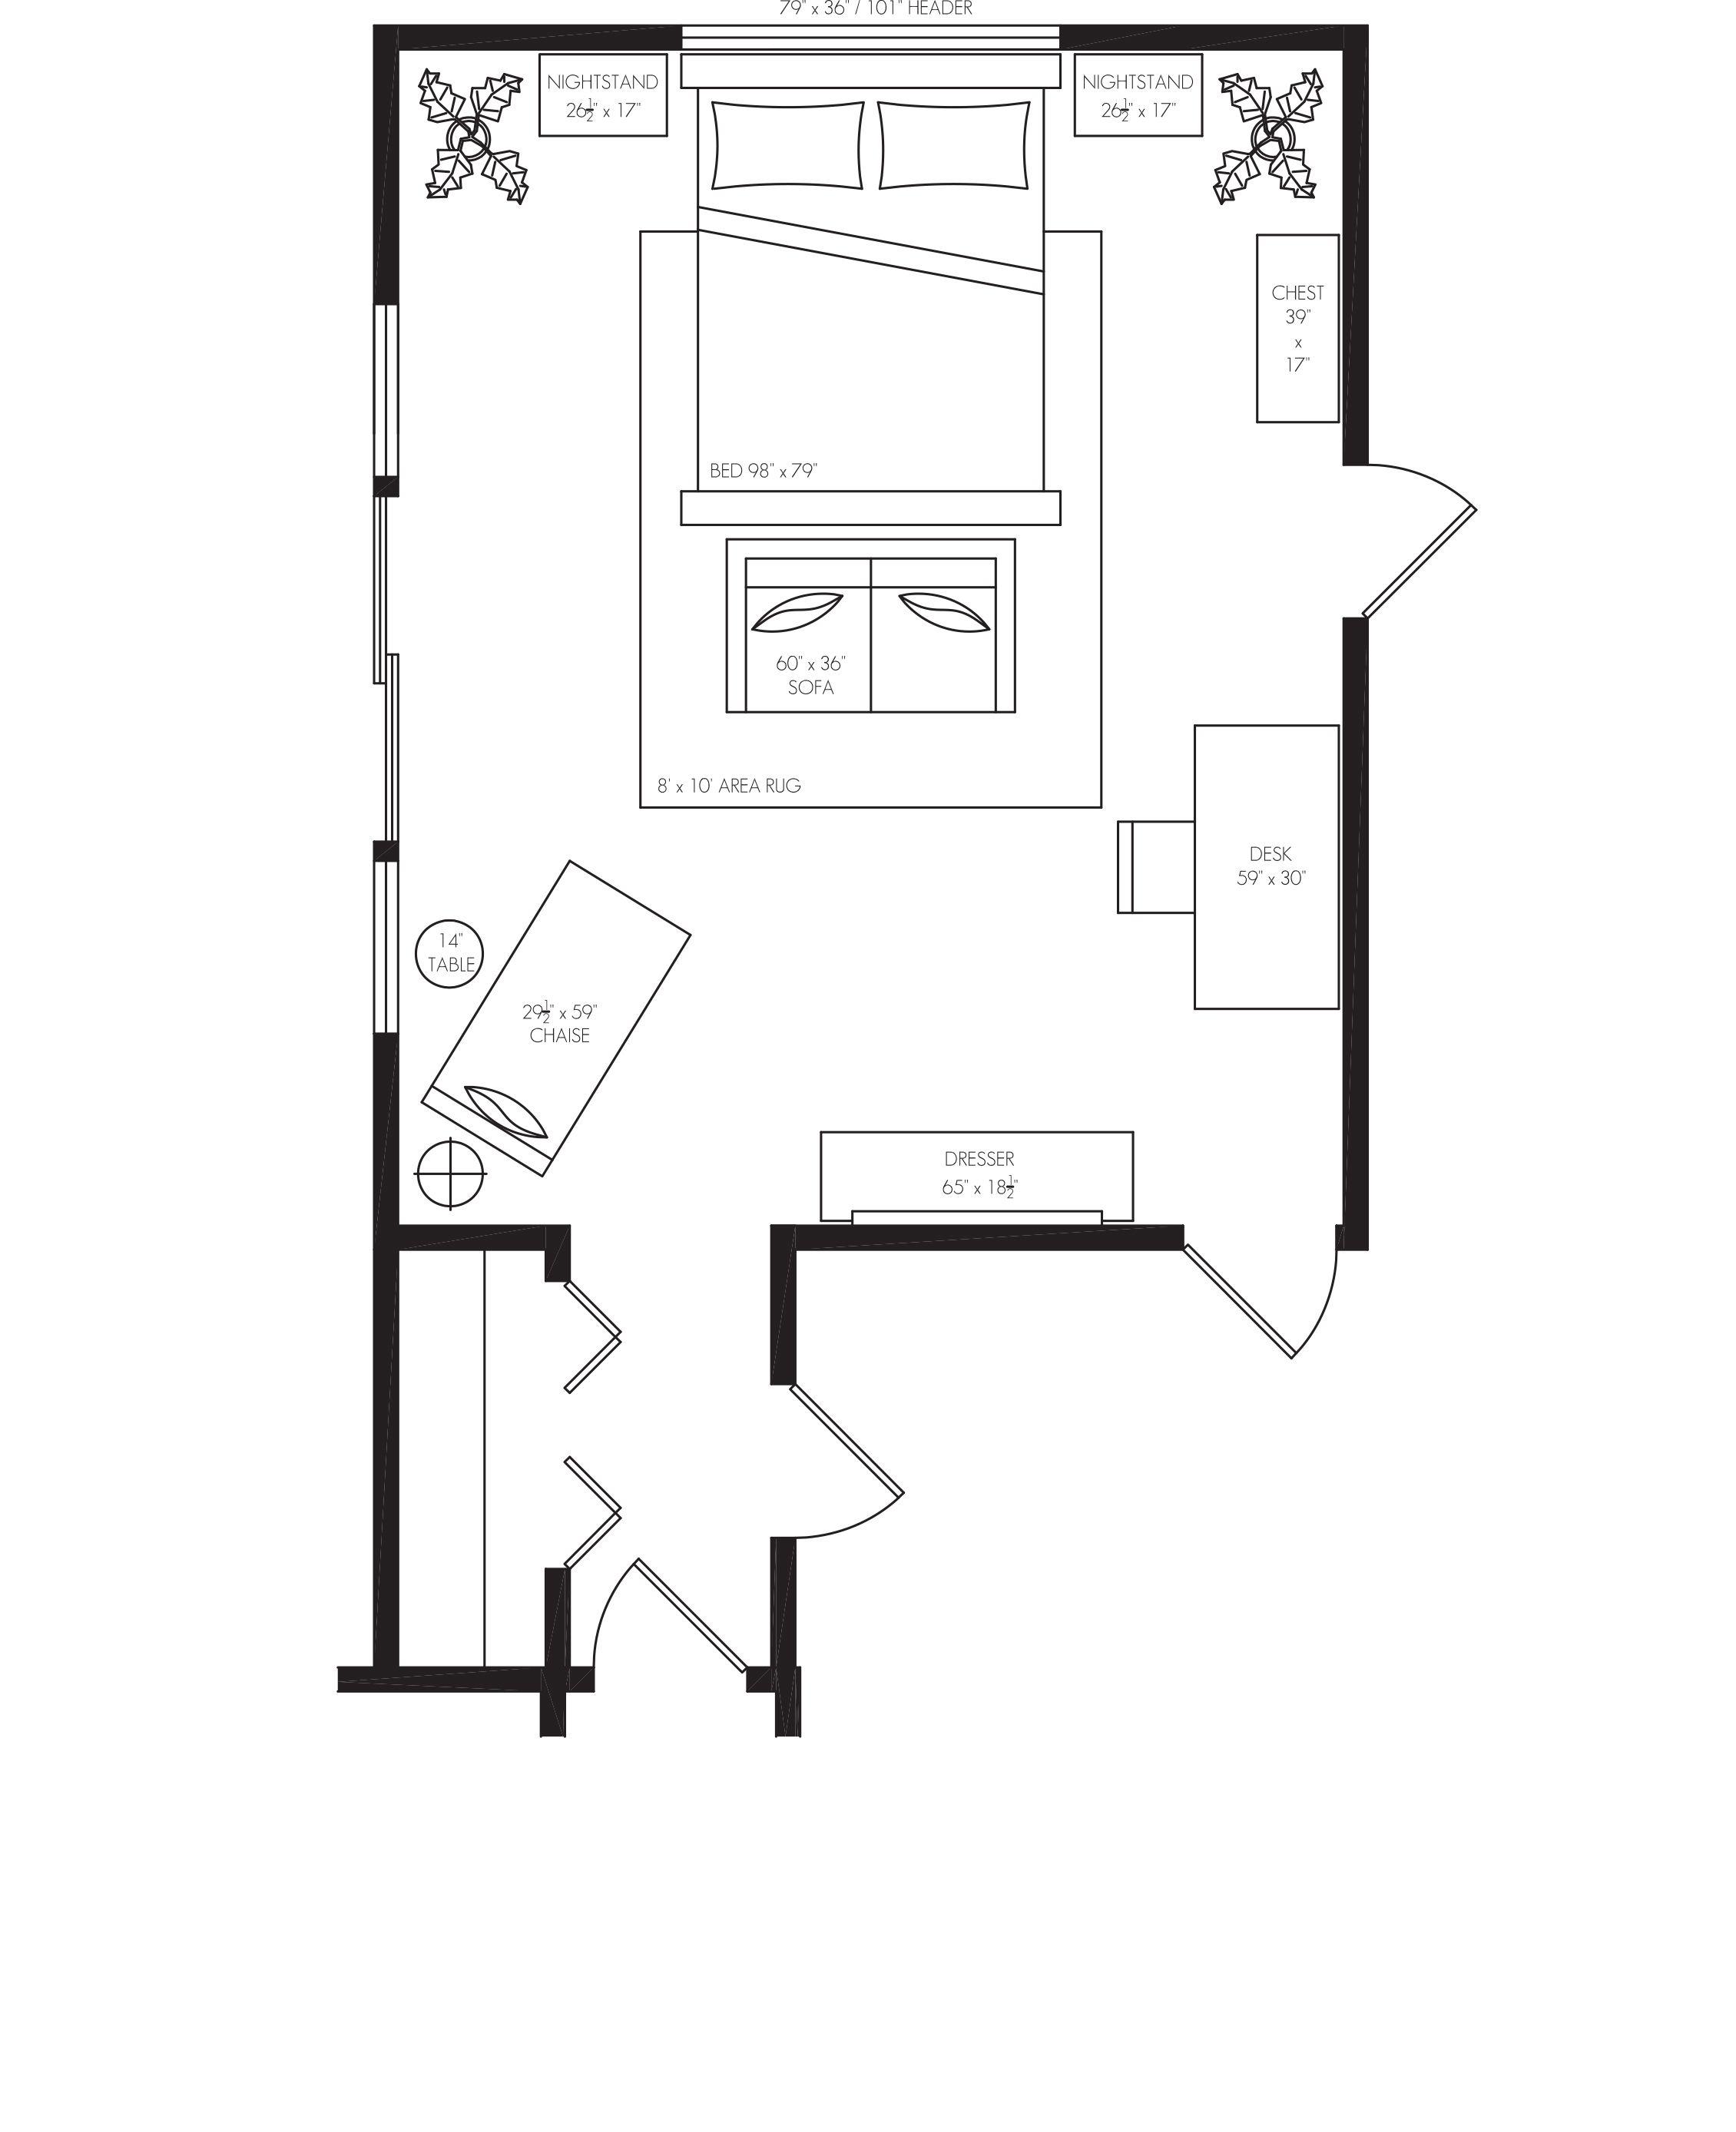 Sofa Beds Apartment